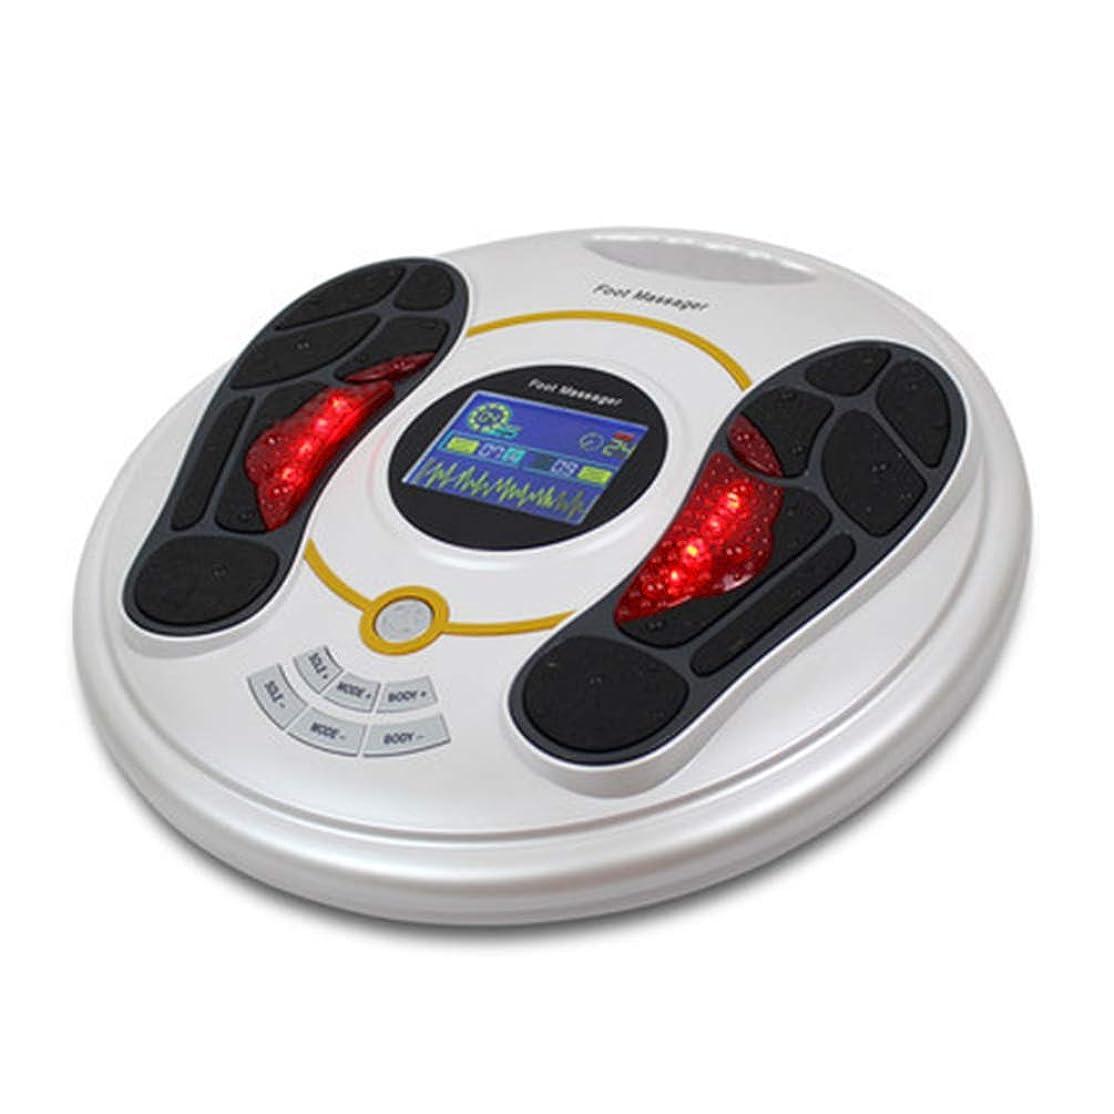 先に対応モネ電磁石の足のマッサージャー、指圧ボディマッサージャーの循環のマッサージャーは血循環療法の苦痛救助を刺激するために後押しします。, white